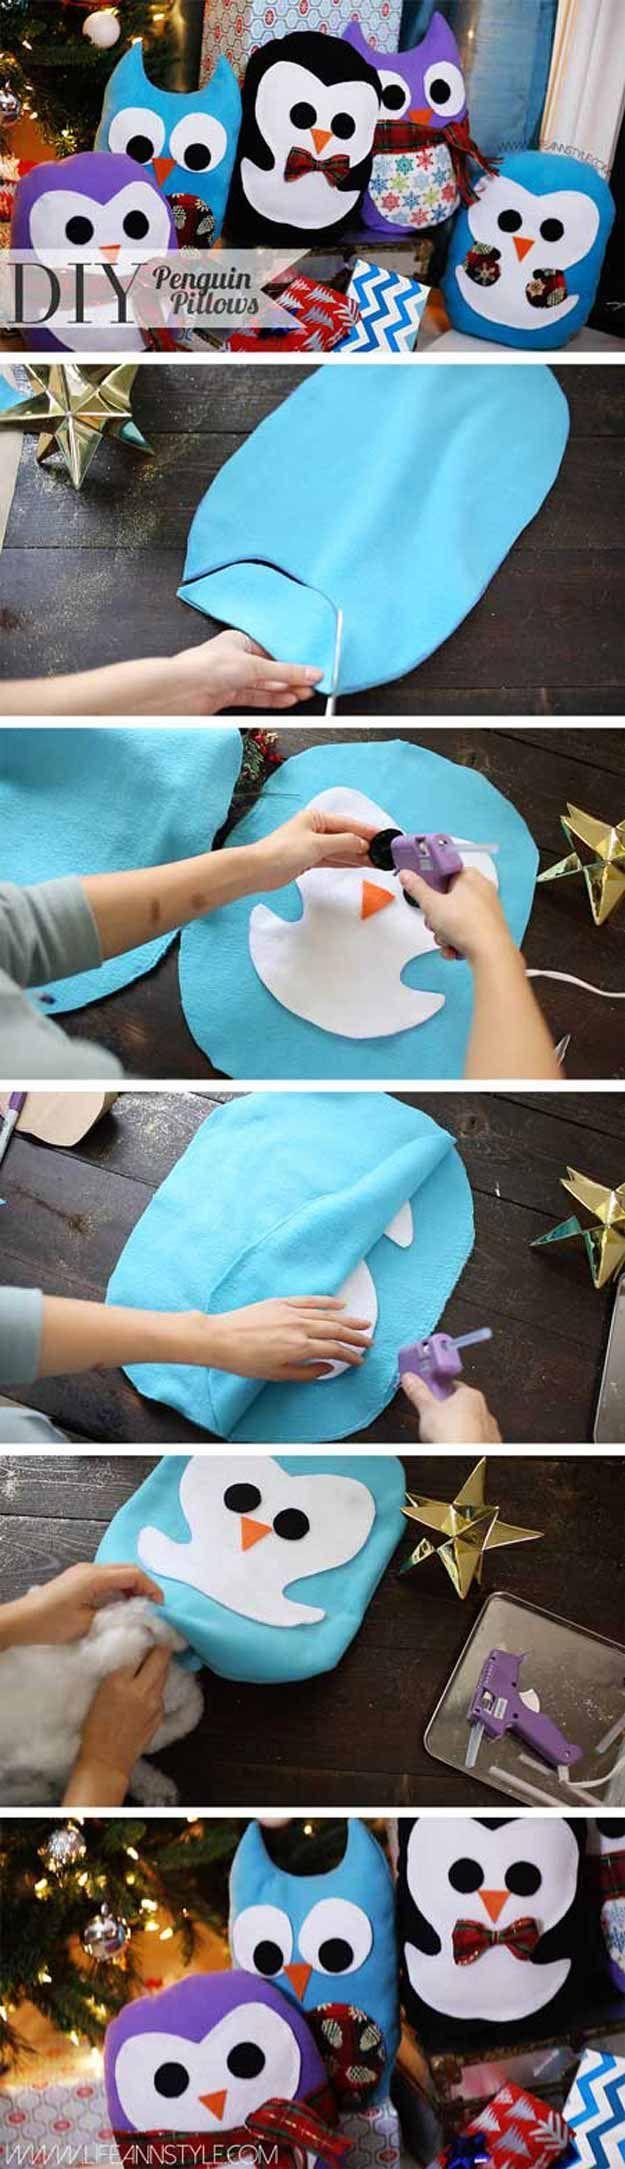 DIY Penguin Pillow | DIY Pillow Ideas